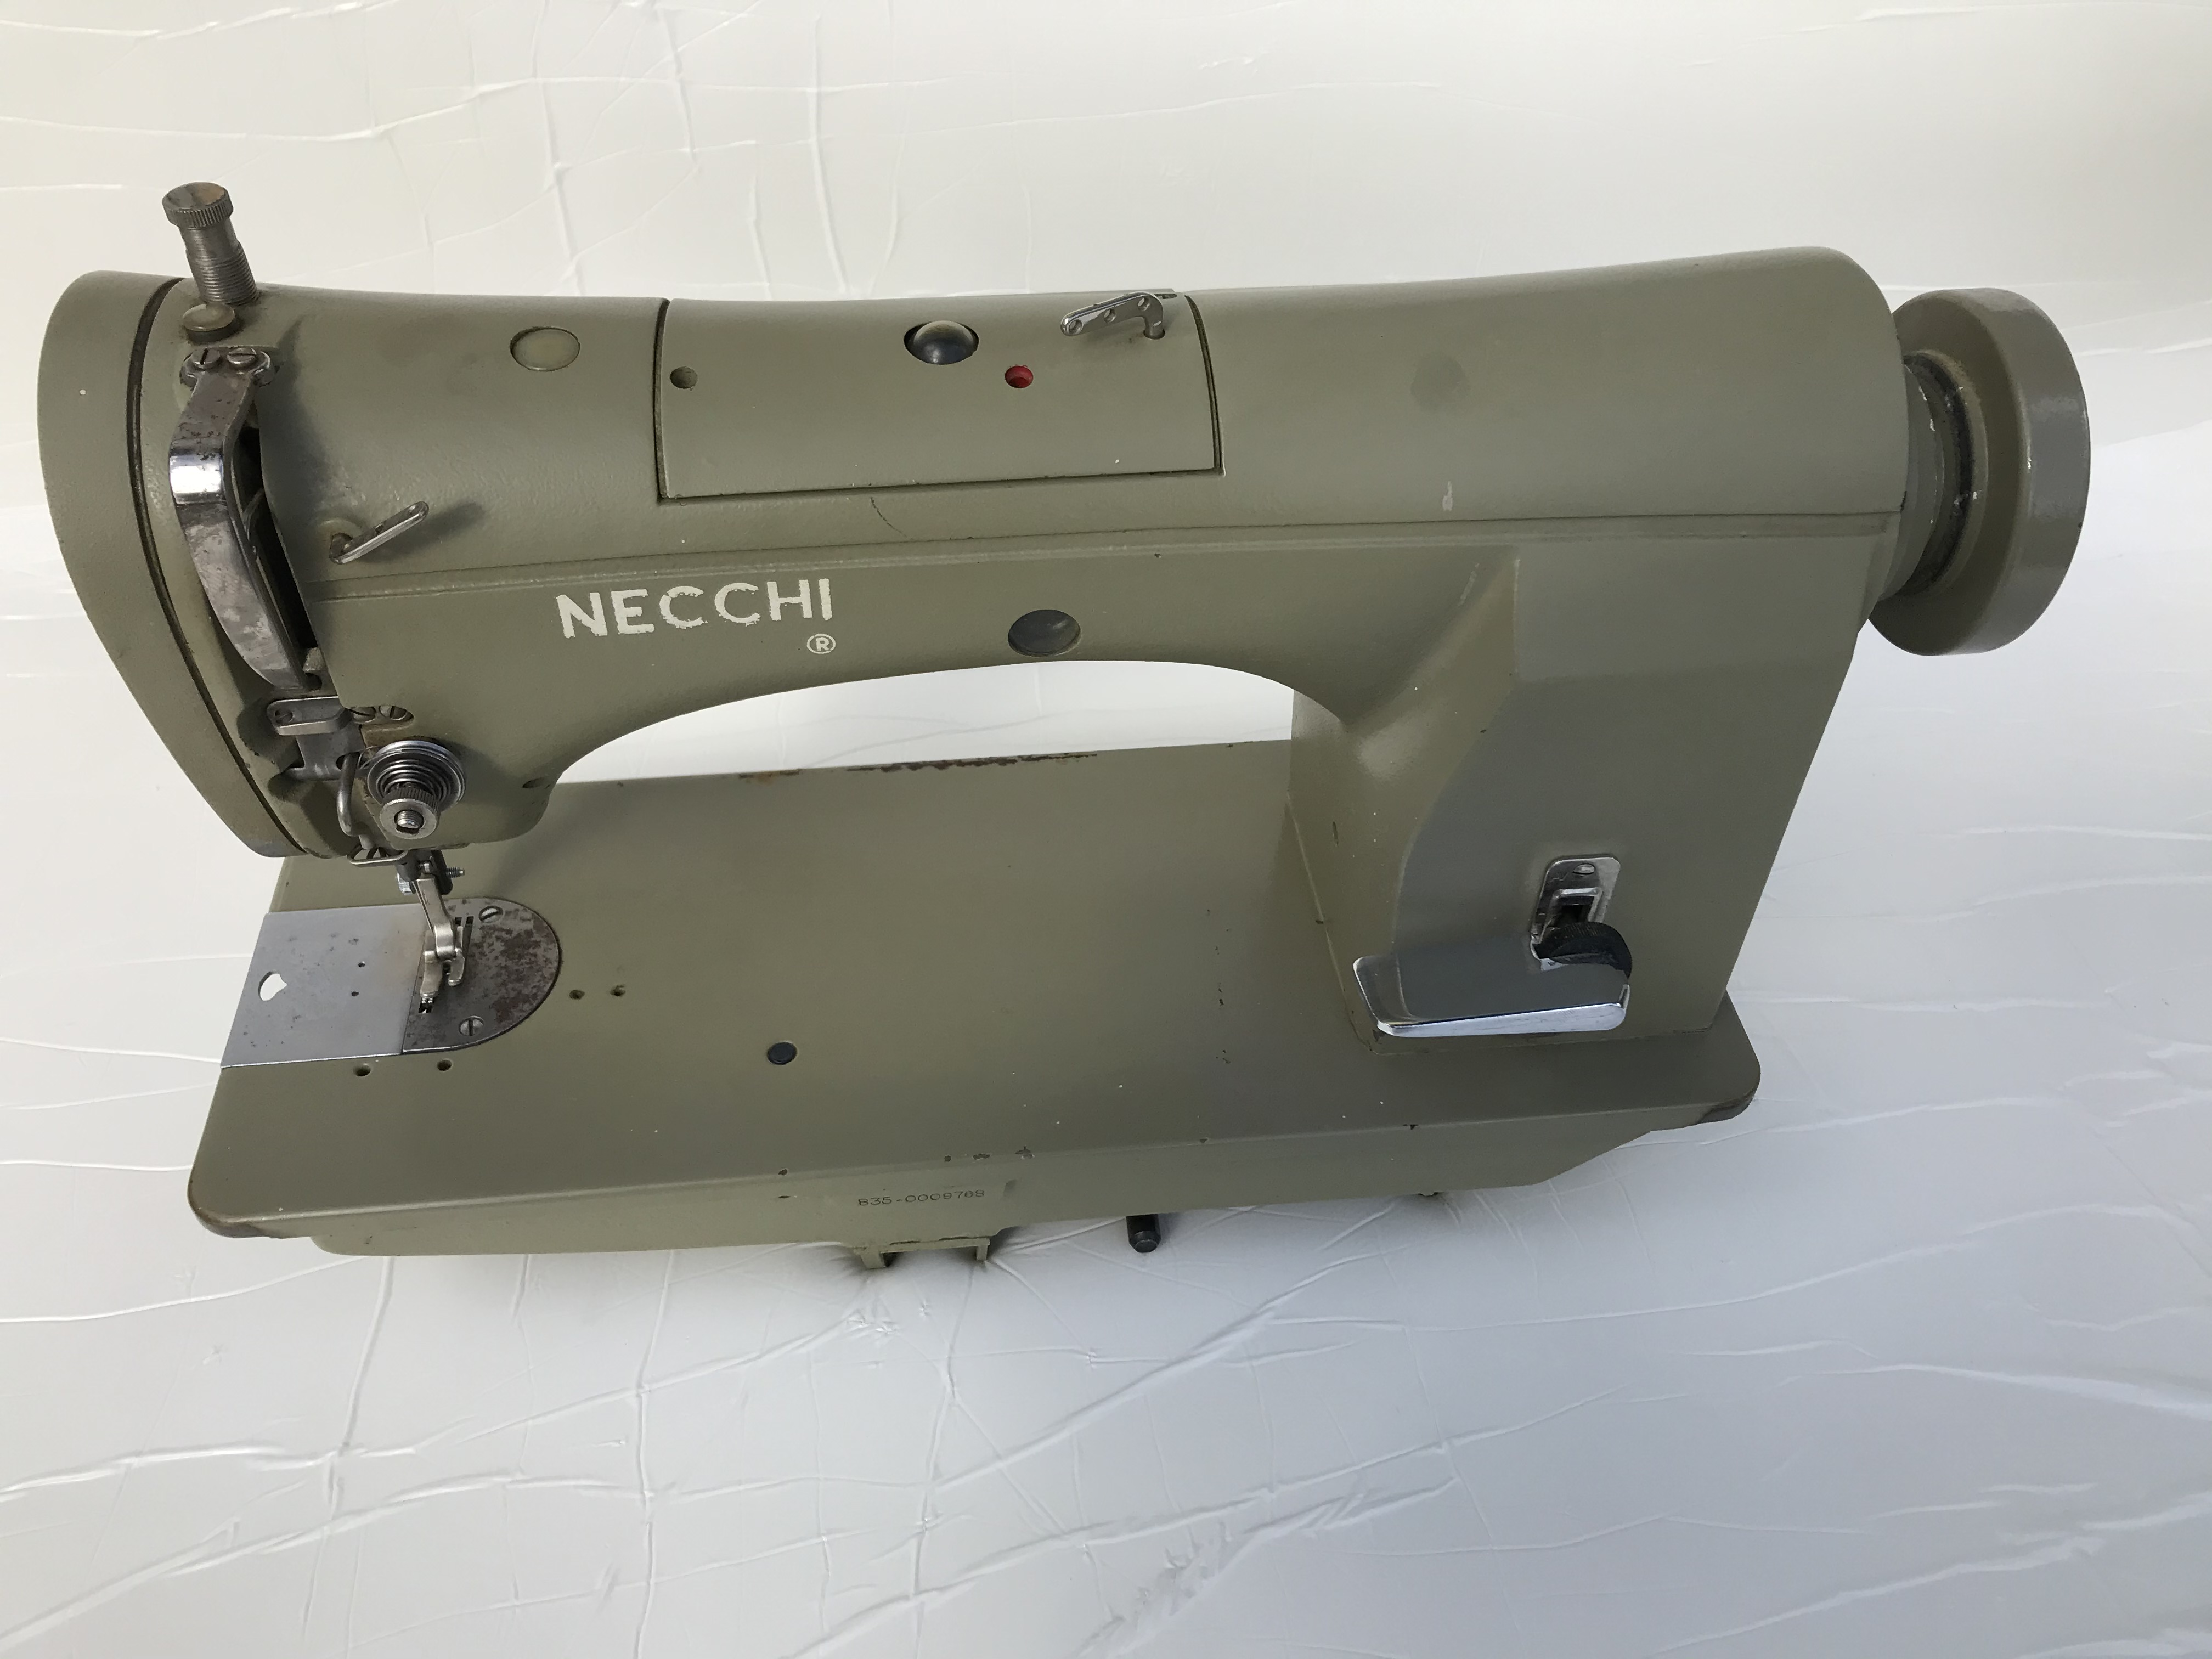 NECCHI 835-100 Macchina da cucire sartoria in vendita - foto 1